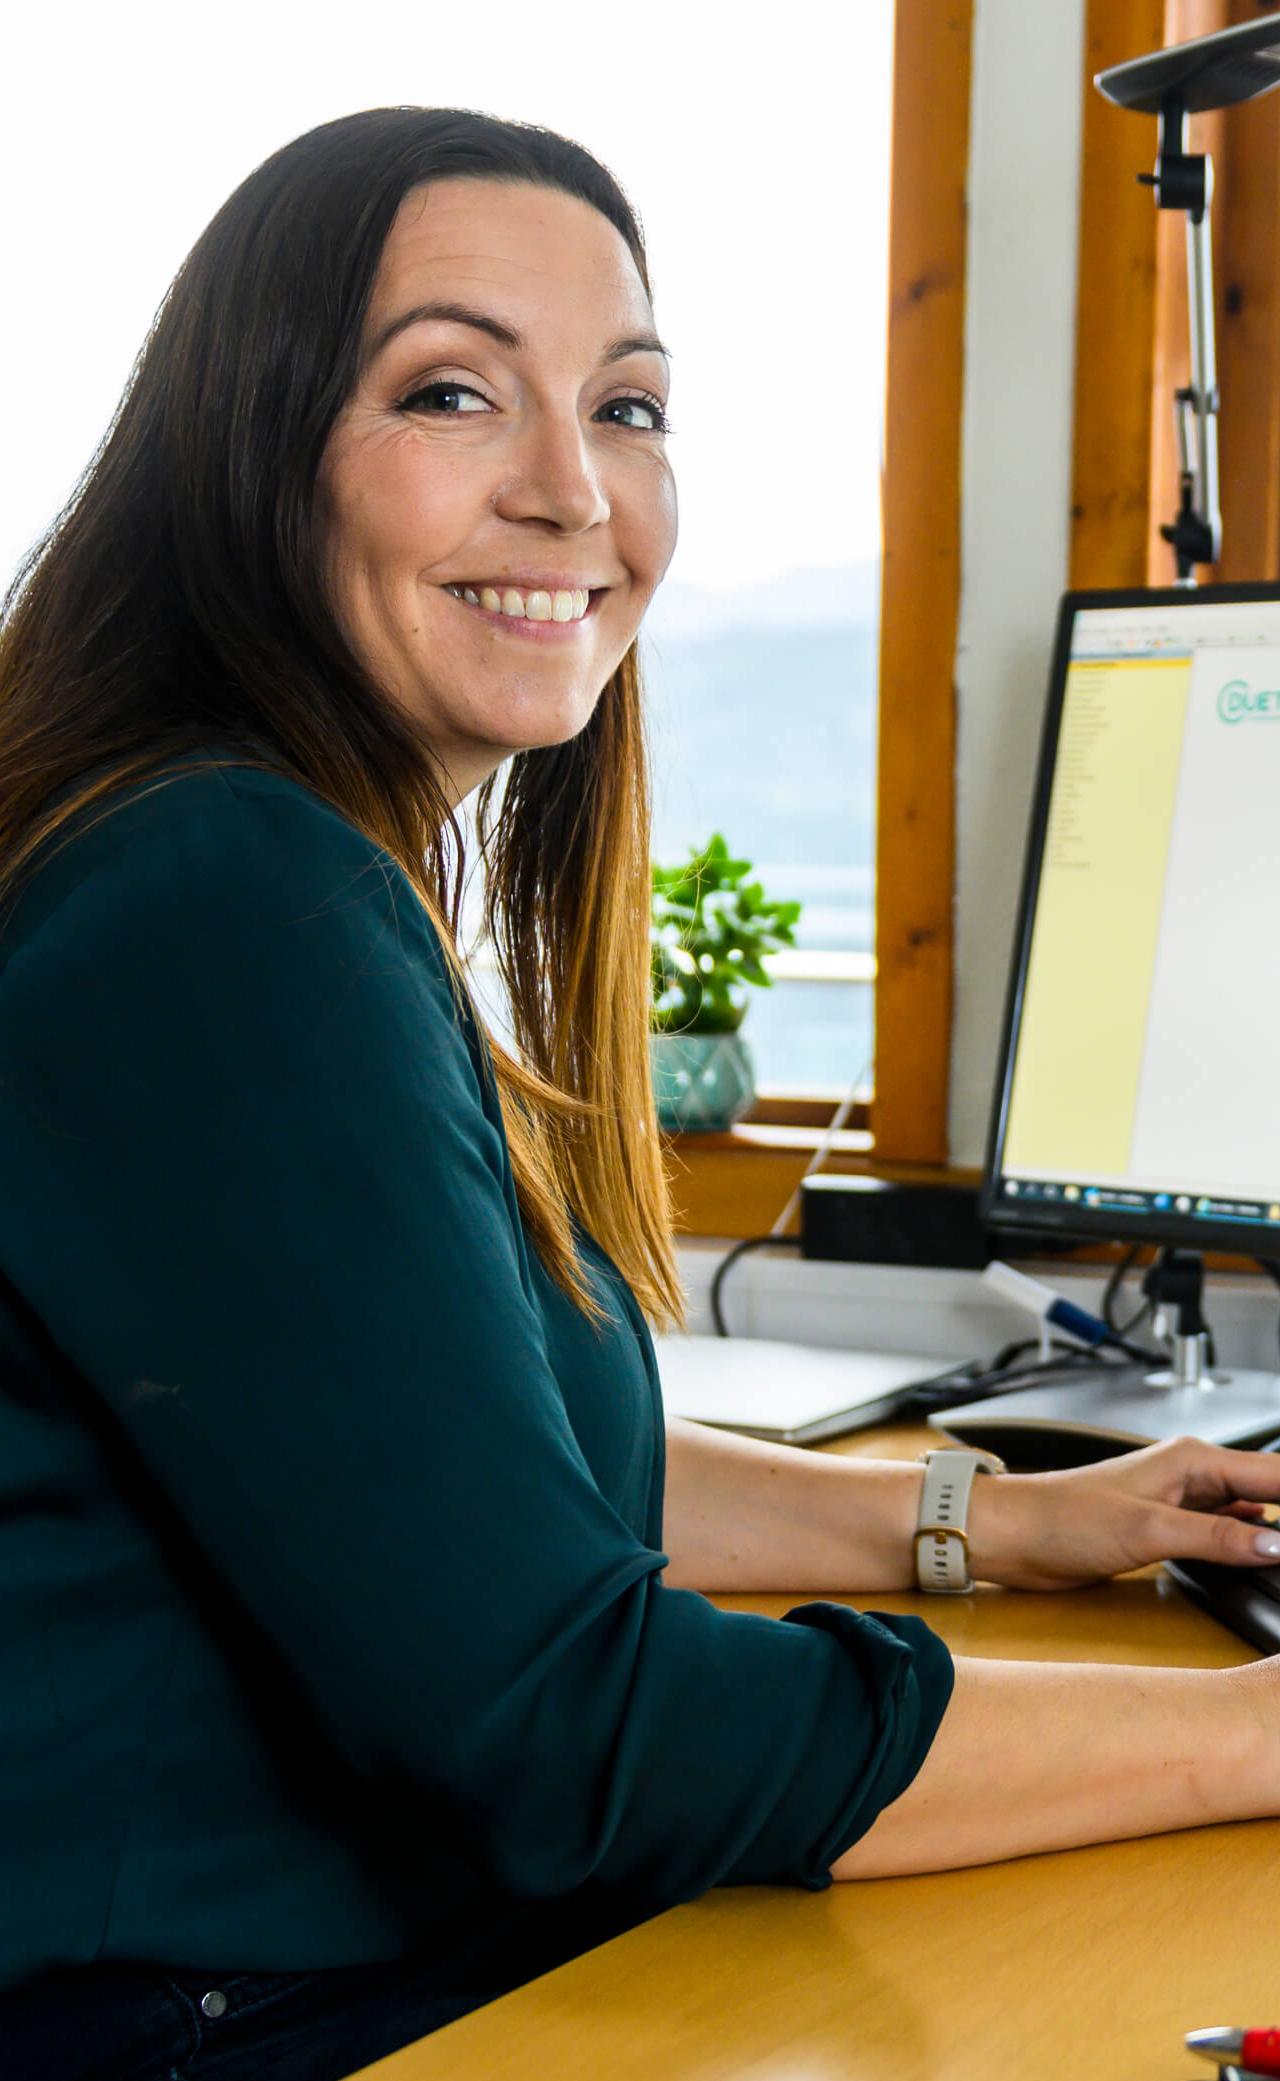 Kvinne ved kontorpult foran pc skjerm.